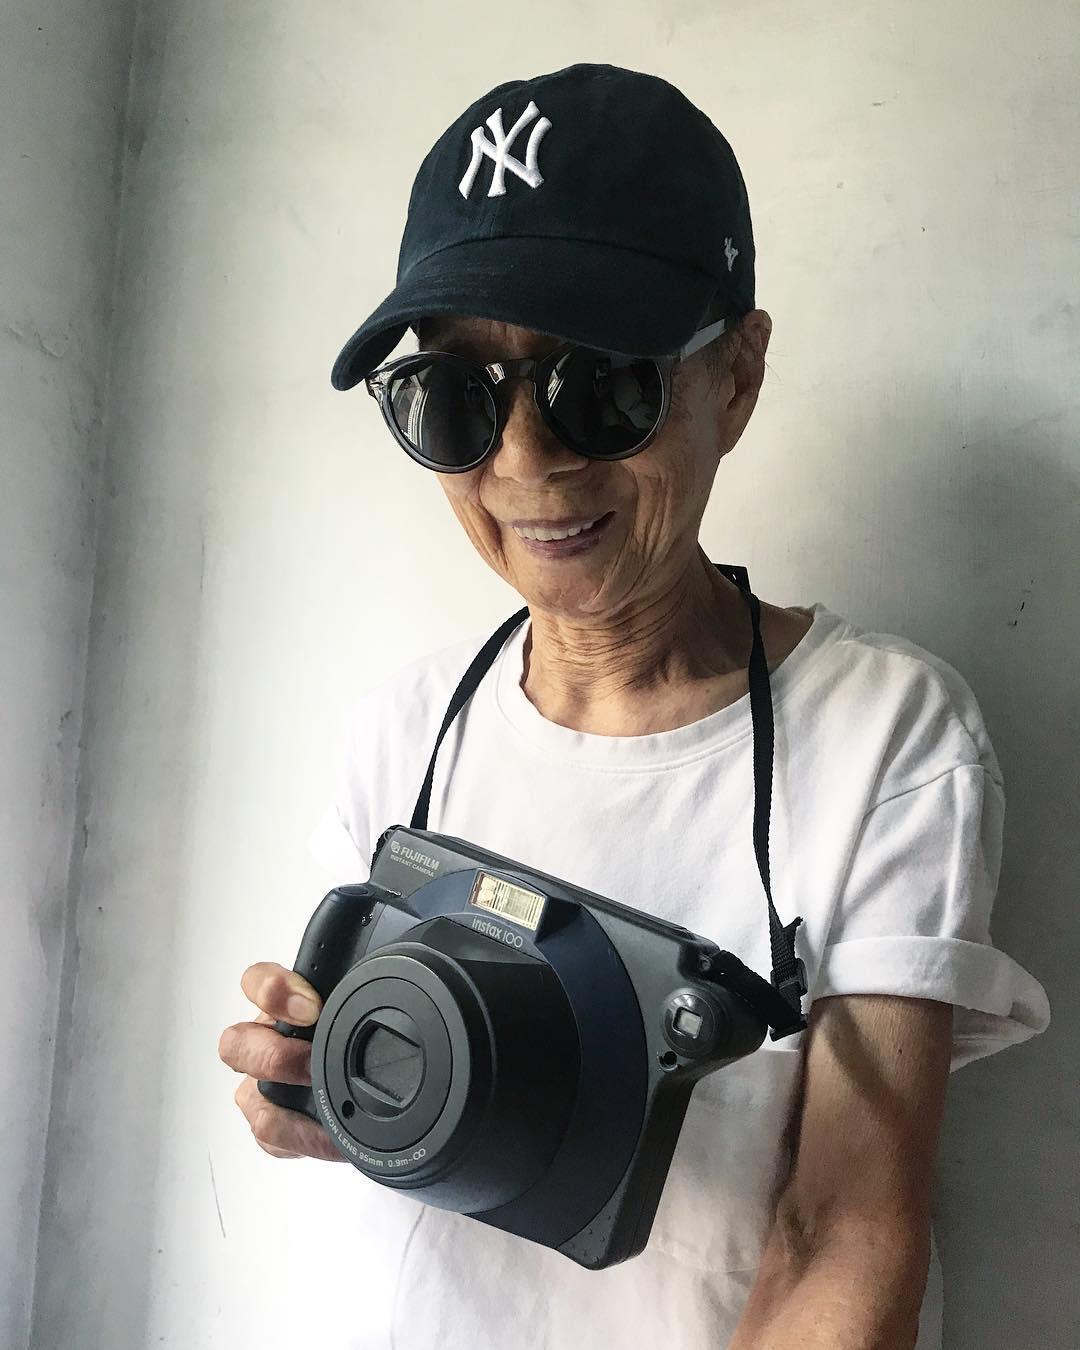 Chỉ 2 tuần sau khi xuất hiện trên Instagram, cụ bà 88 tuổi này đã trở thành hiện tượng thời trang xứ Đài - Ảnh 17.